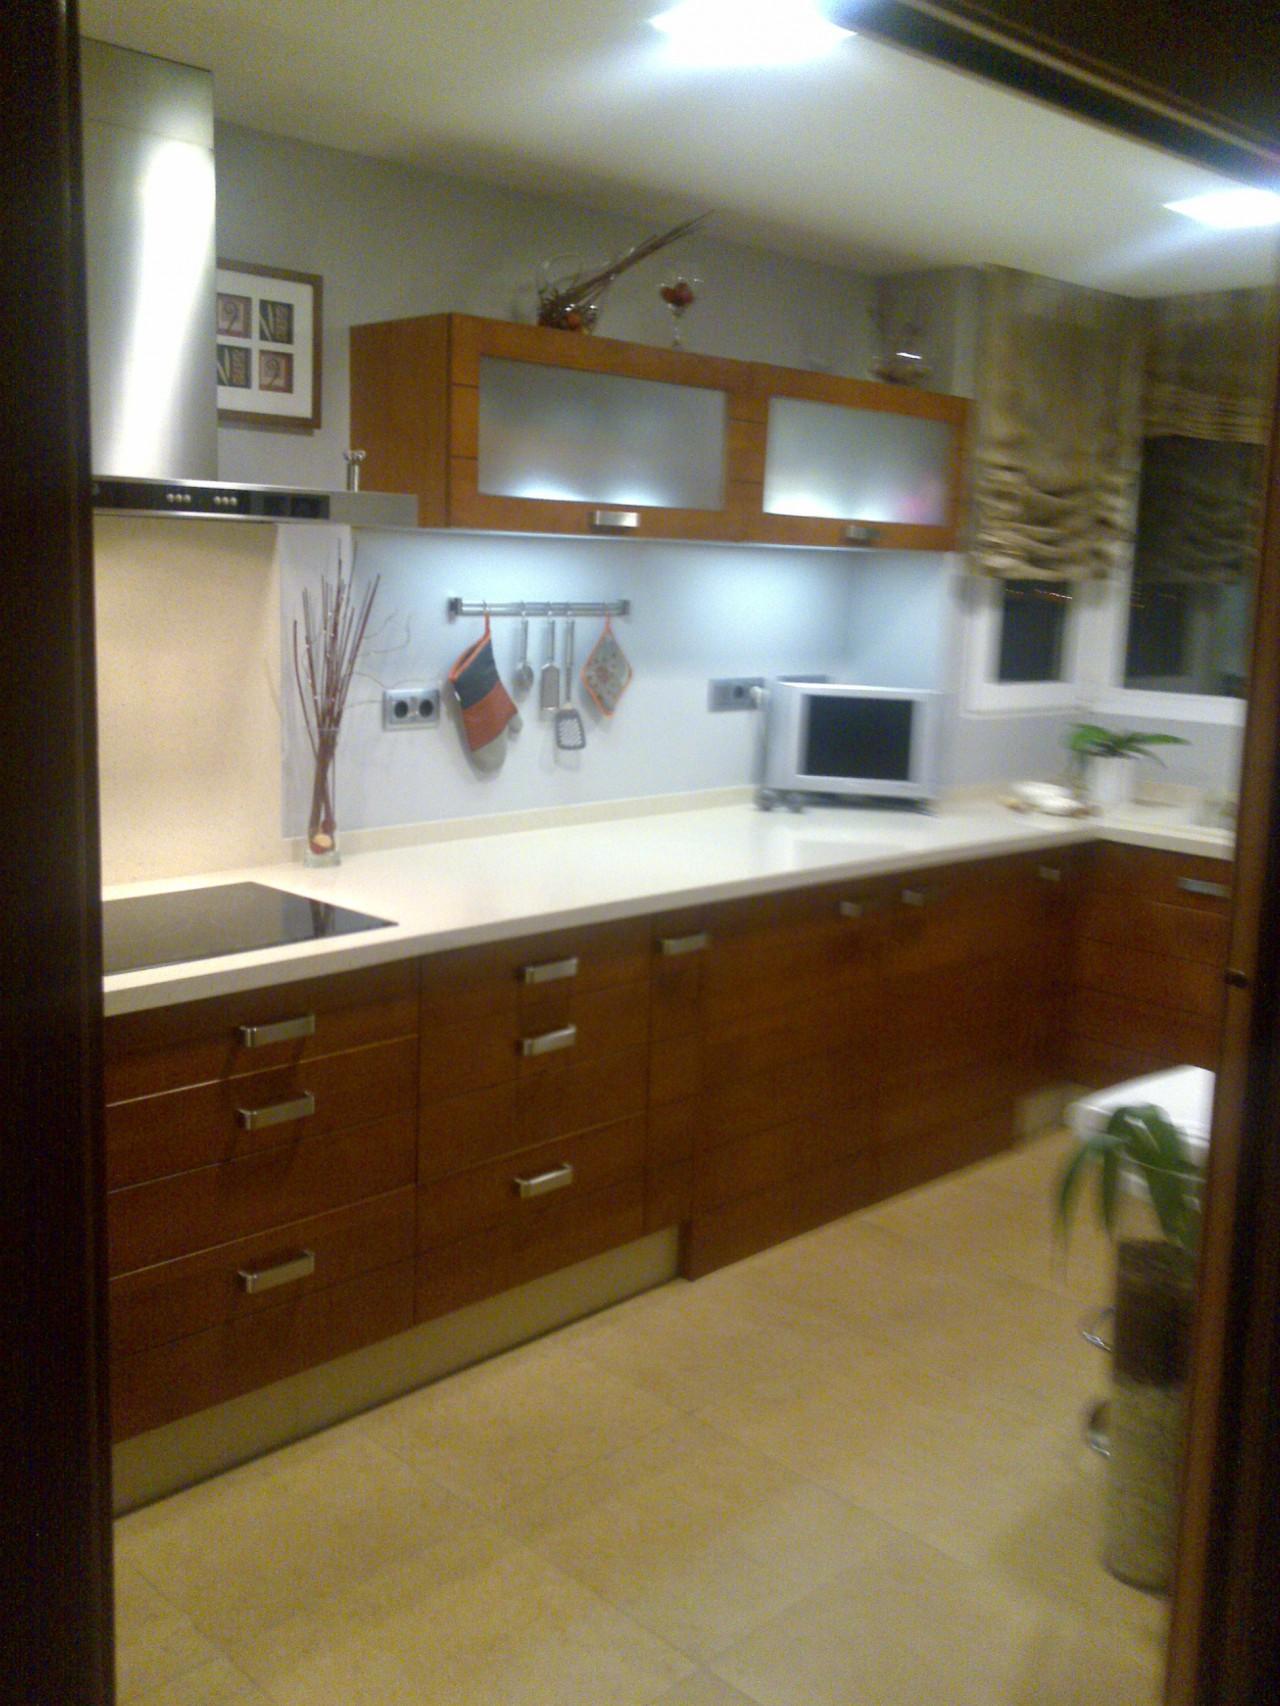 Hermosa Cocina Y Baño Renovaciones Brampton Regalo - Como Decorar la ...